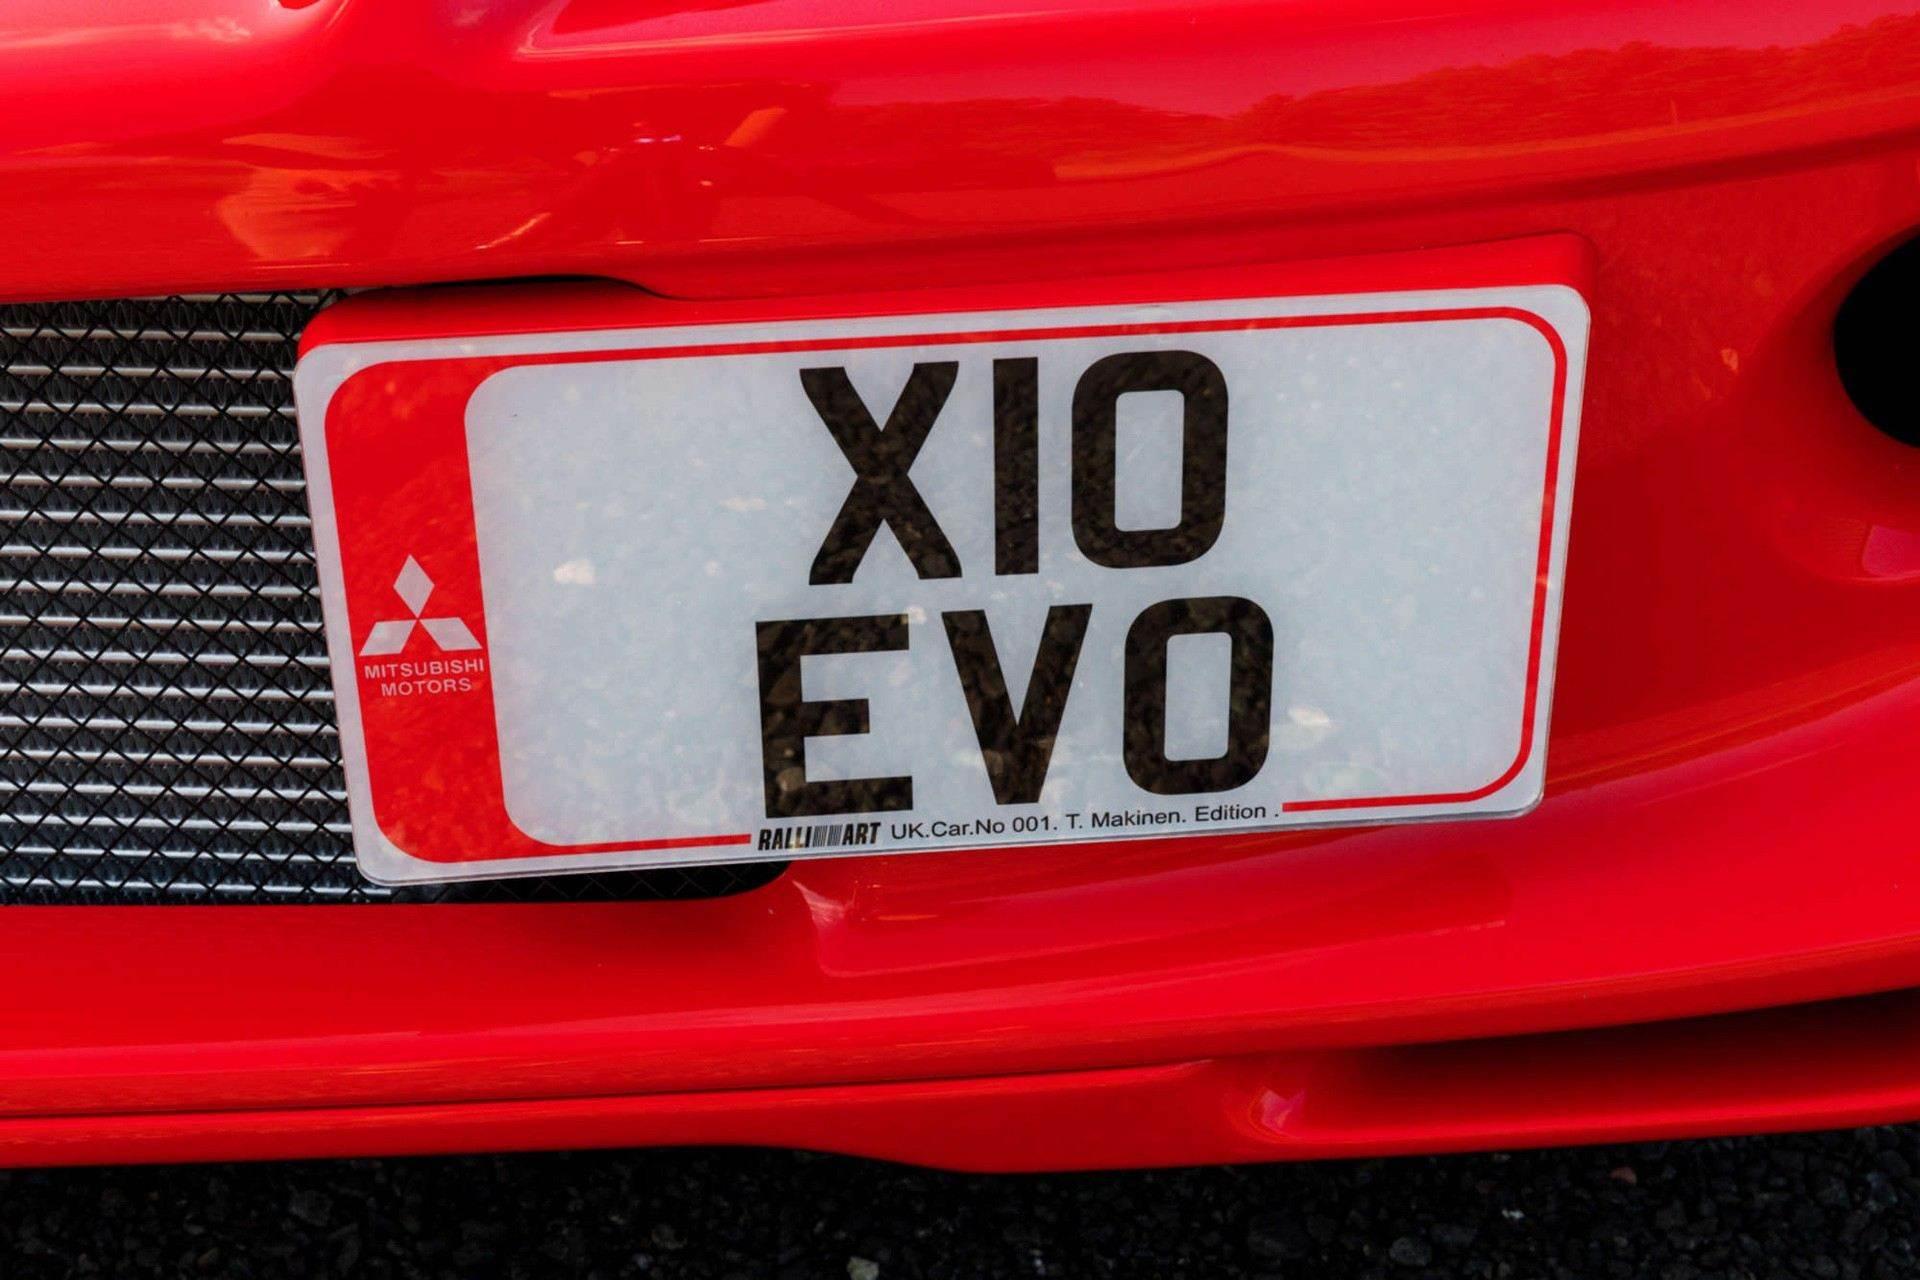 2000_Mitsubishi_Lancer_Evolution_VI_Tommi_Makinen_Edition_sale-0021